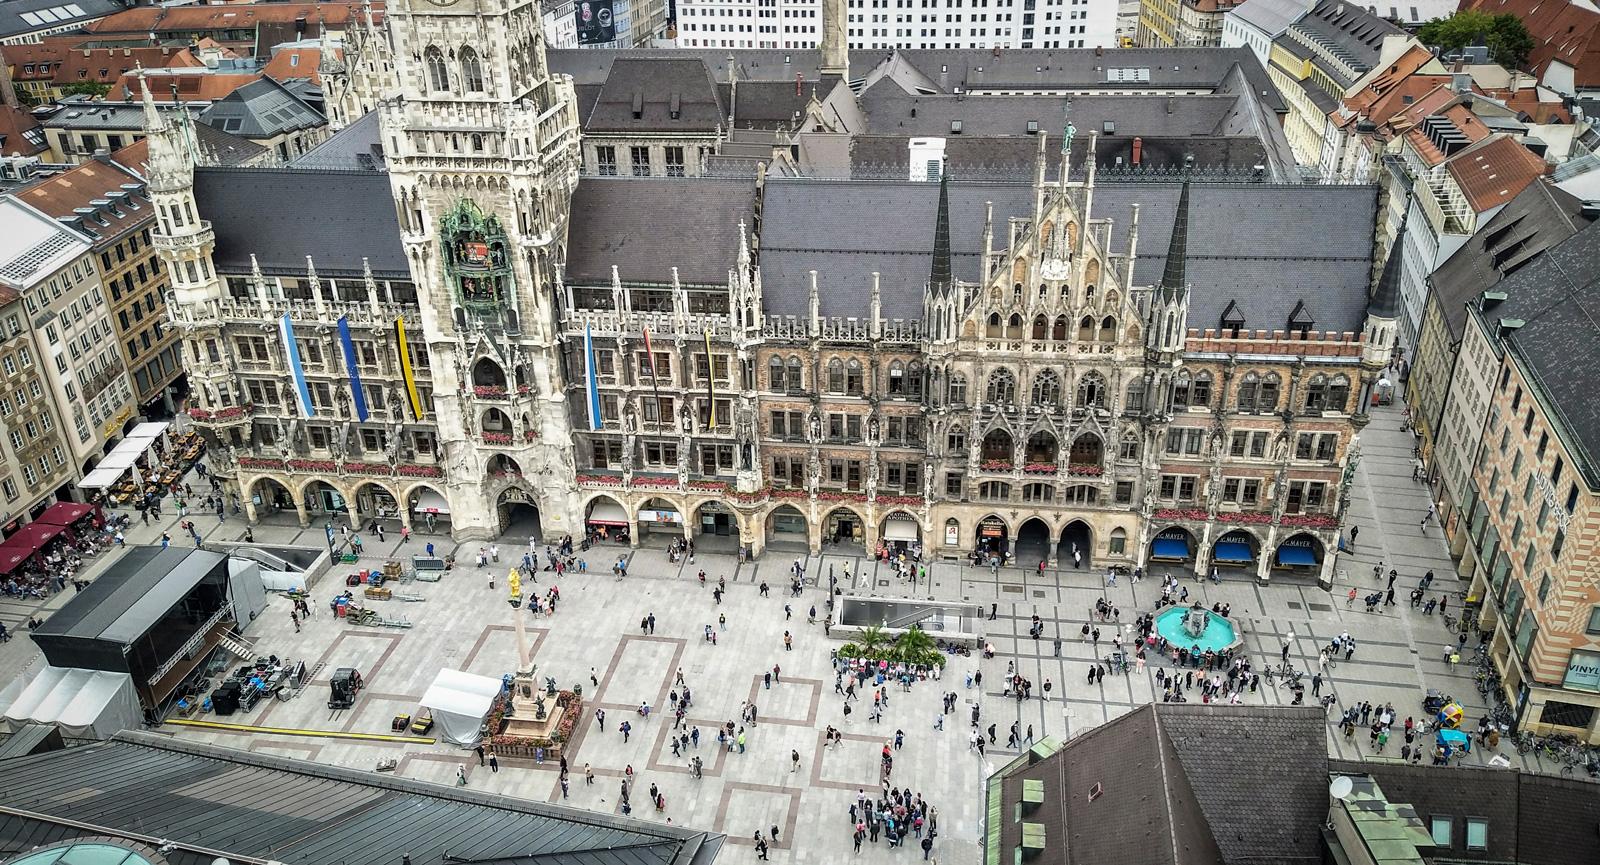 Torget Marienplatz vid världsberömda rådhuset med sitt klockspel tre gånger per dag.